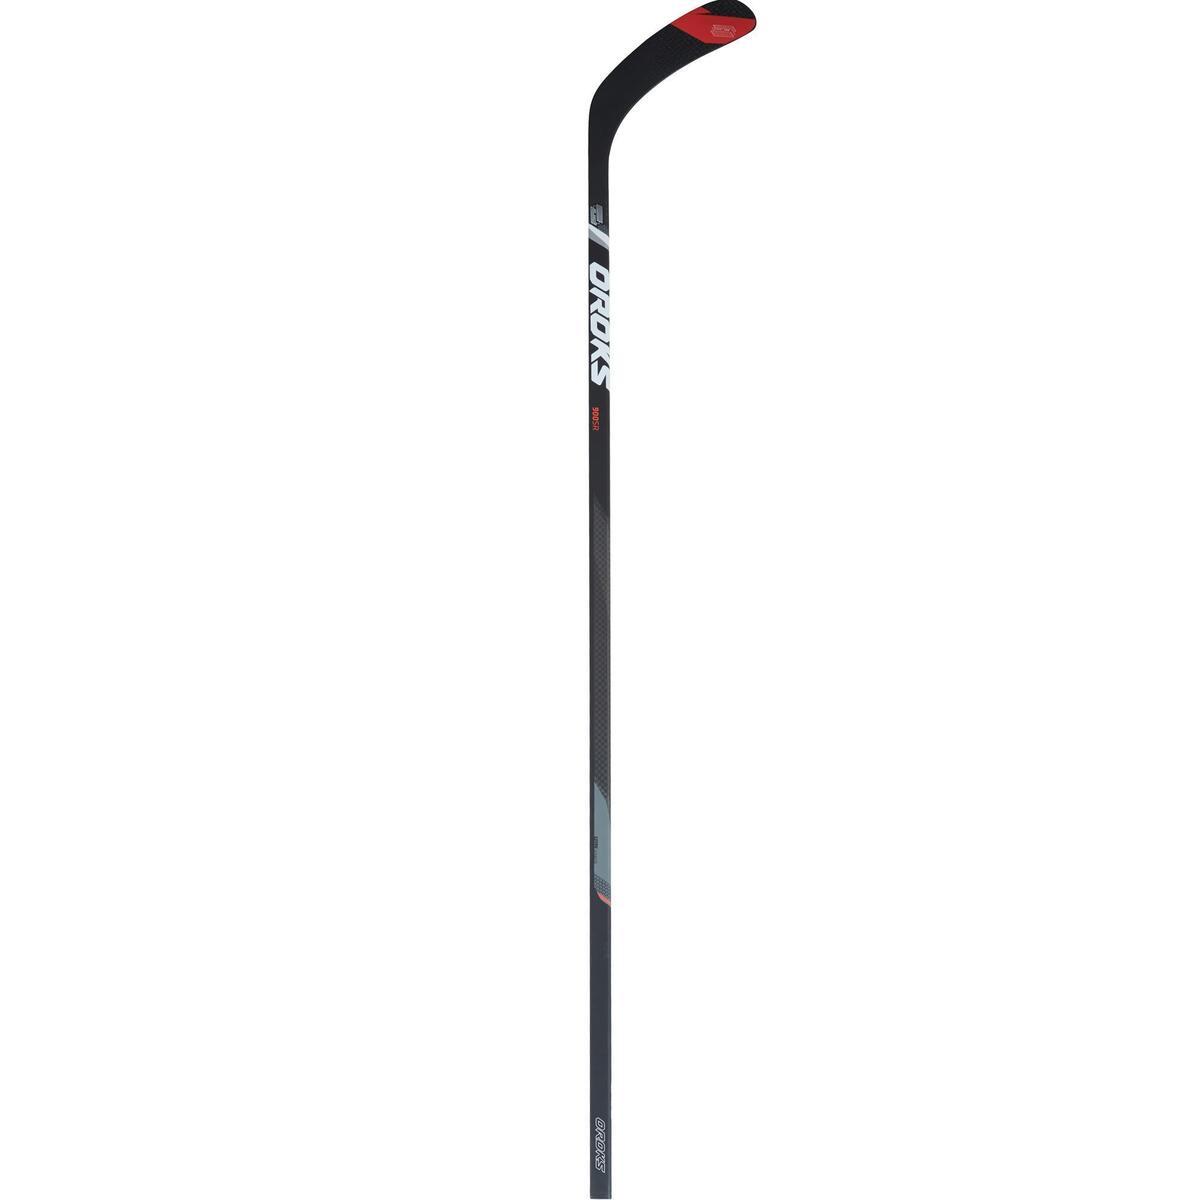 Bild 1 von Eishockeyschläger IH 900 Erwachsene 85 rechts